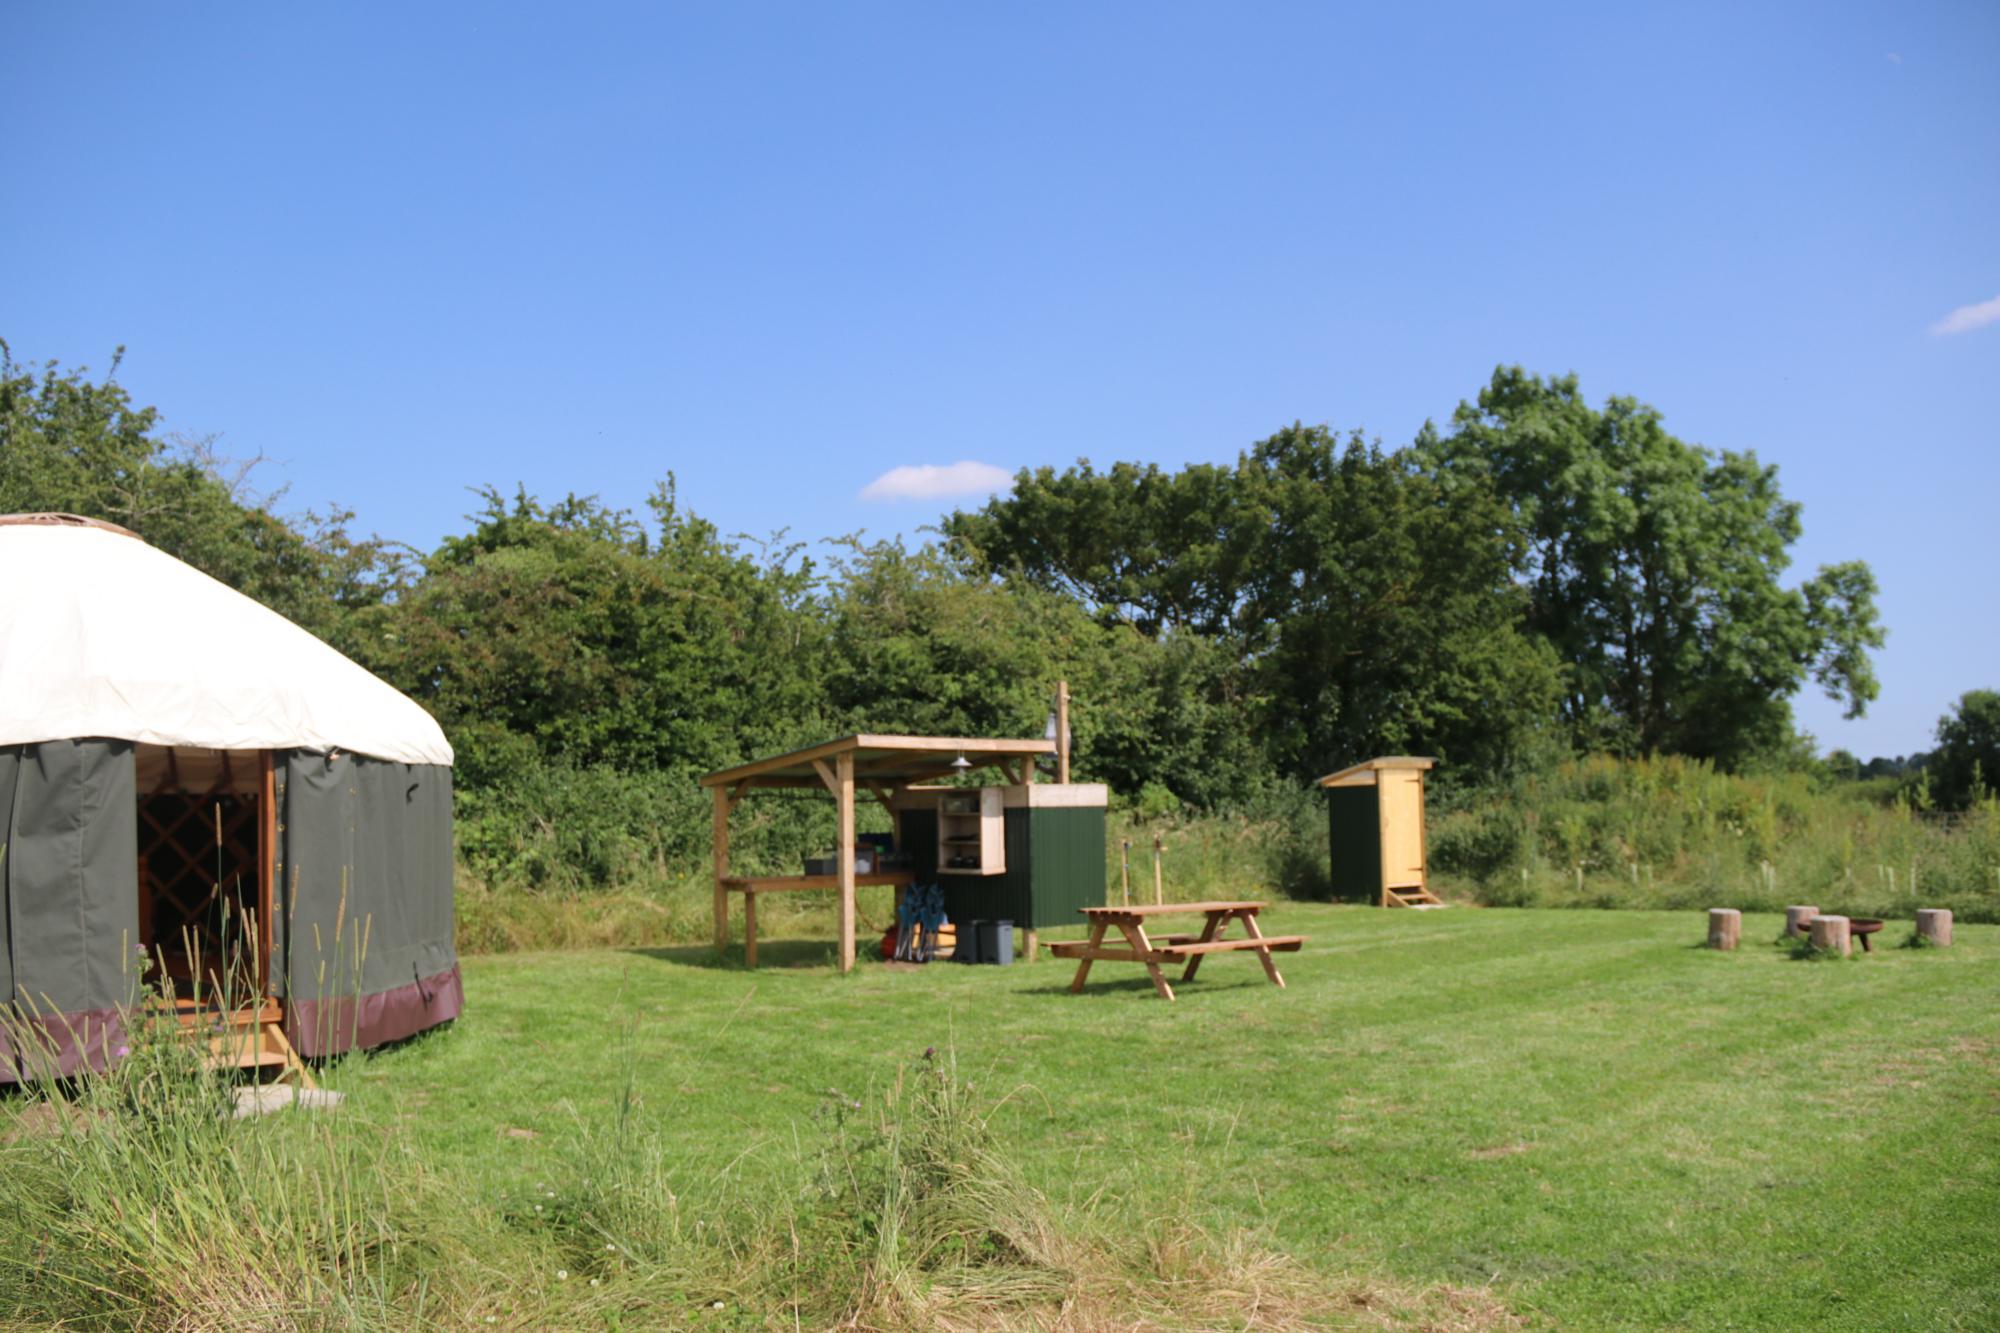 Campsites in East Midlands – I Love This Campsite